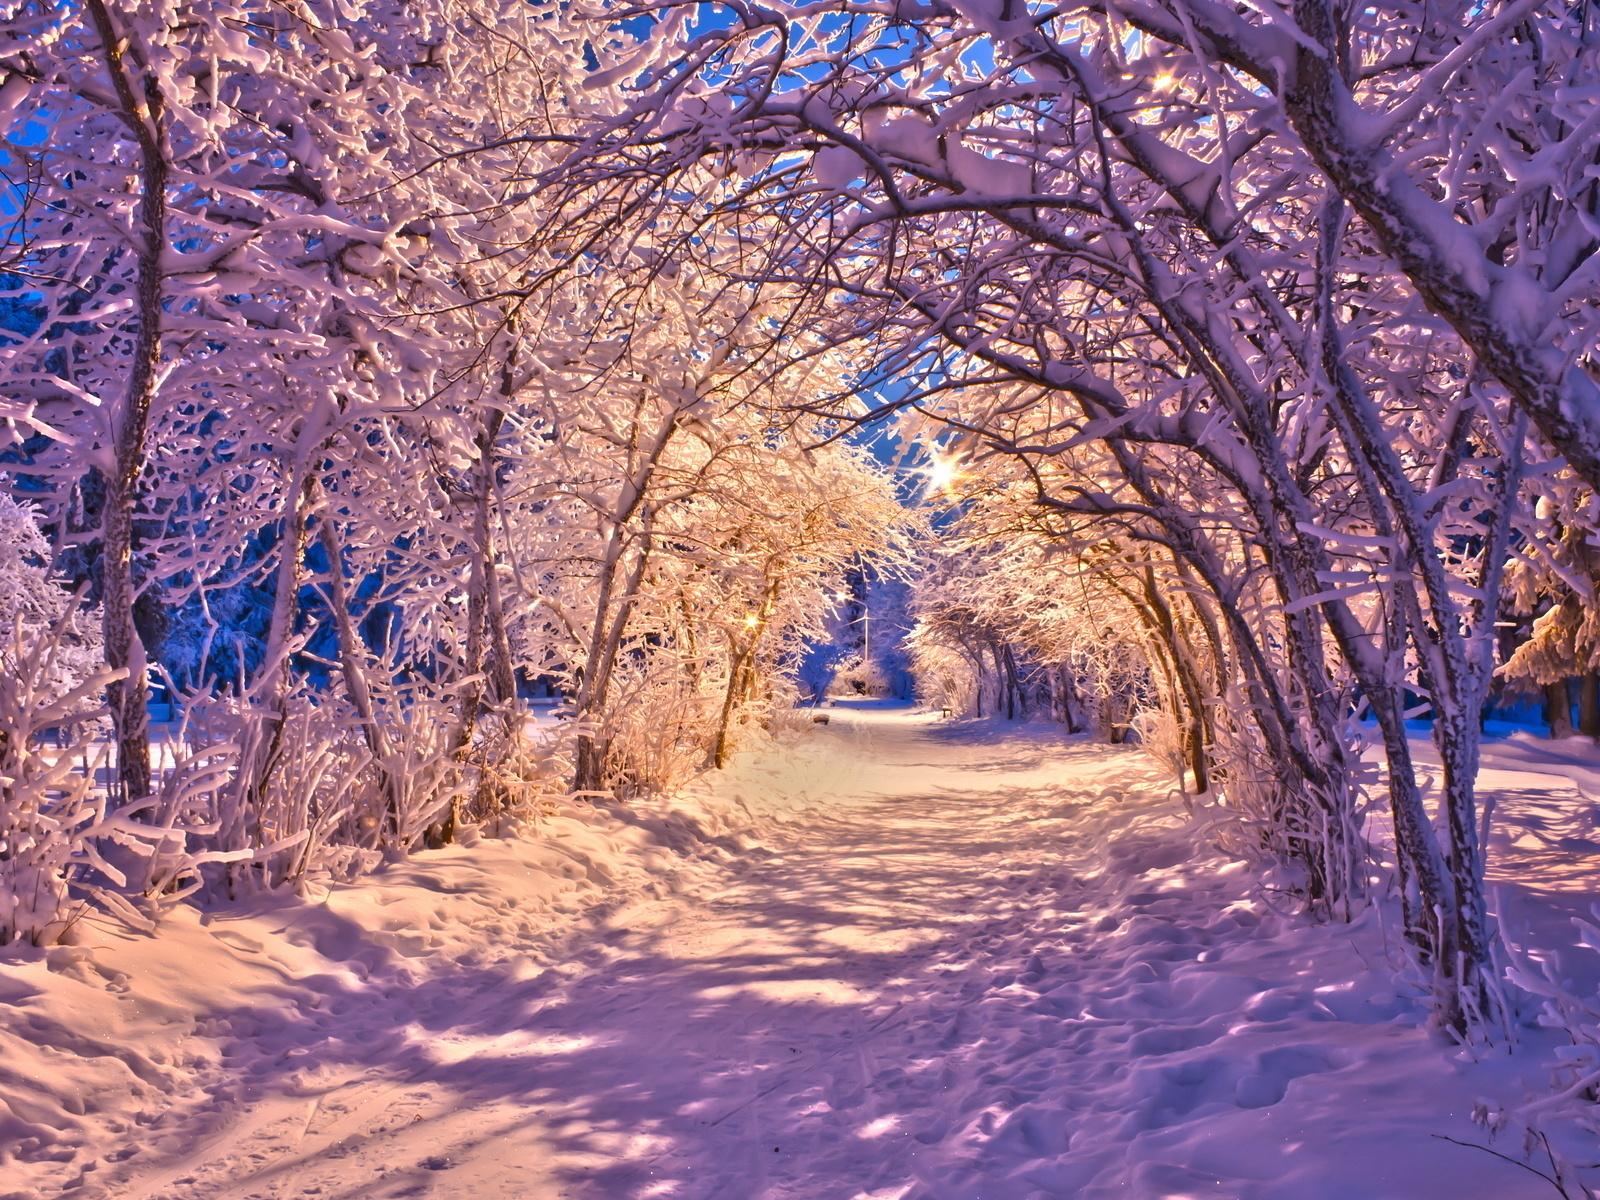 22022 скачать обои Пейзаж, Зима, Деревья, Дороги, Снег - заставки и картинки бесплатно